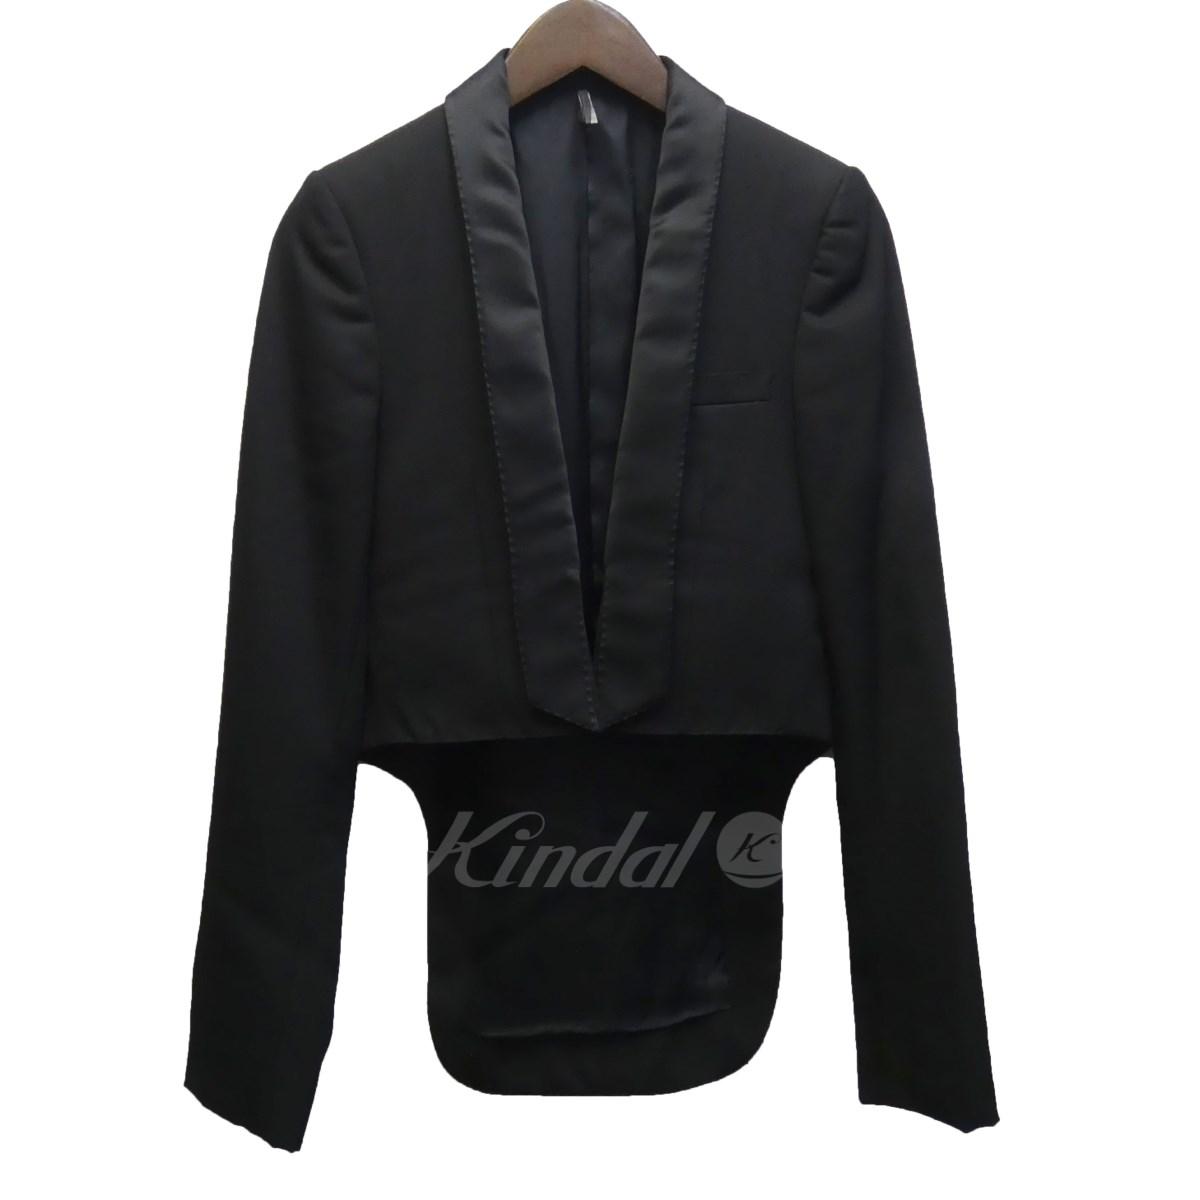 【中古】Dior Homme 06SS 燕尾ジャケット 【送料無料】 【071751】 【星】